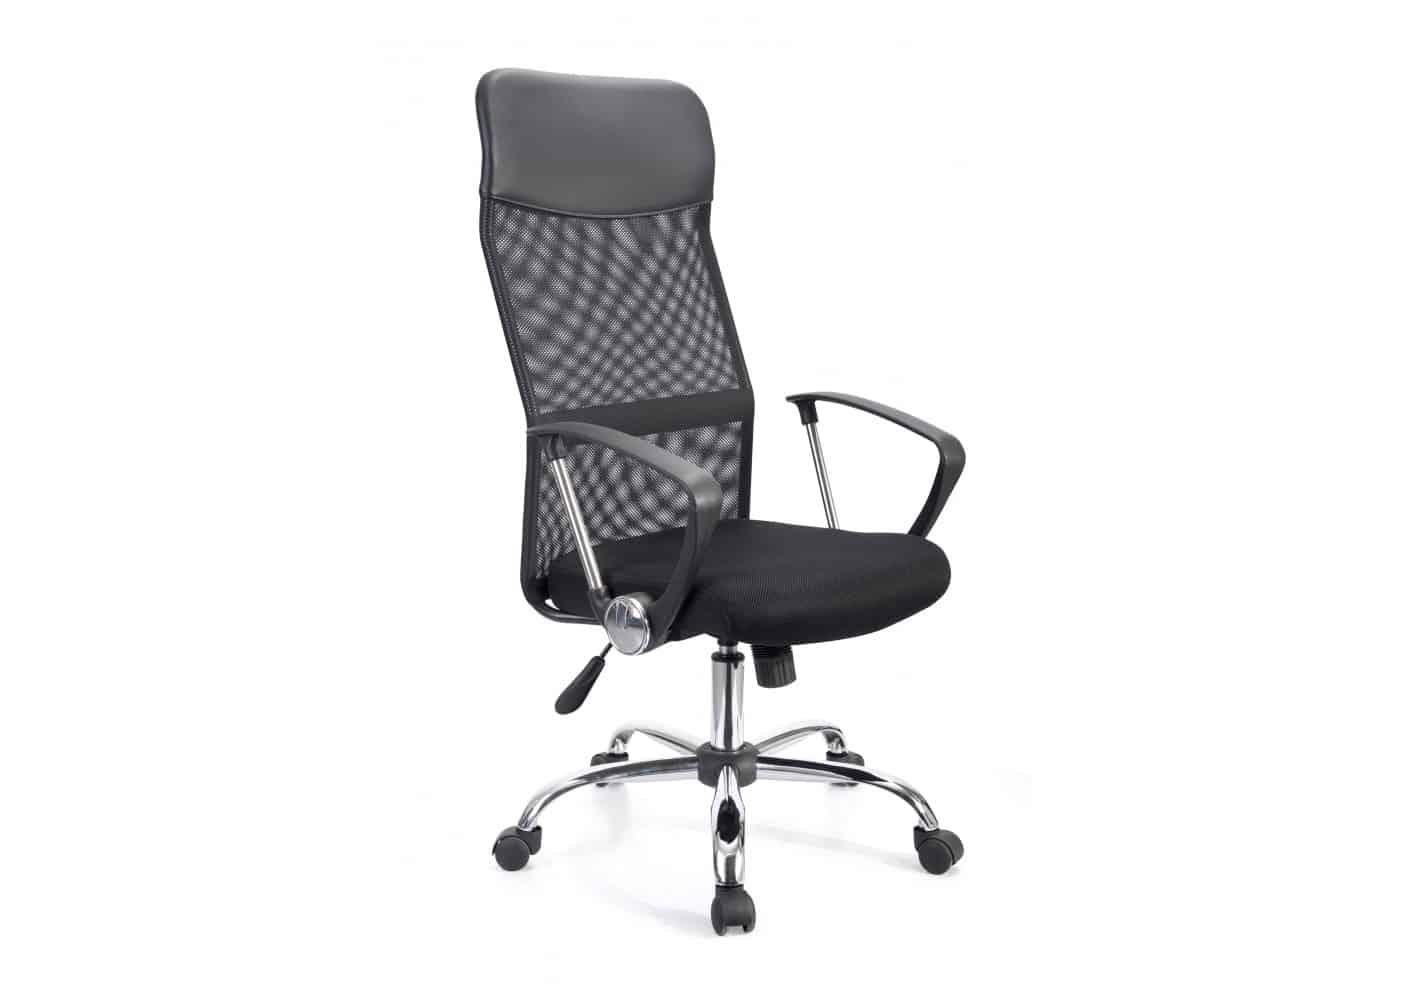 chaise de bureau bas prix